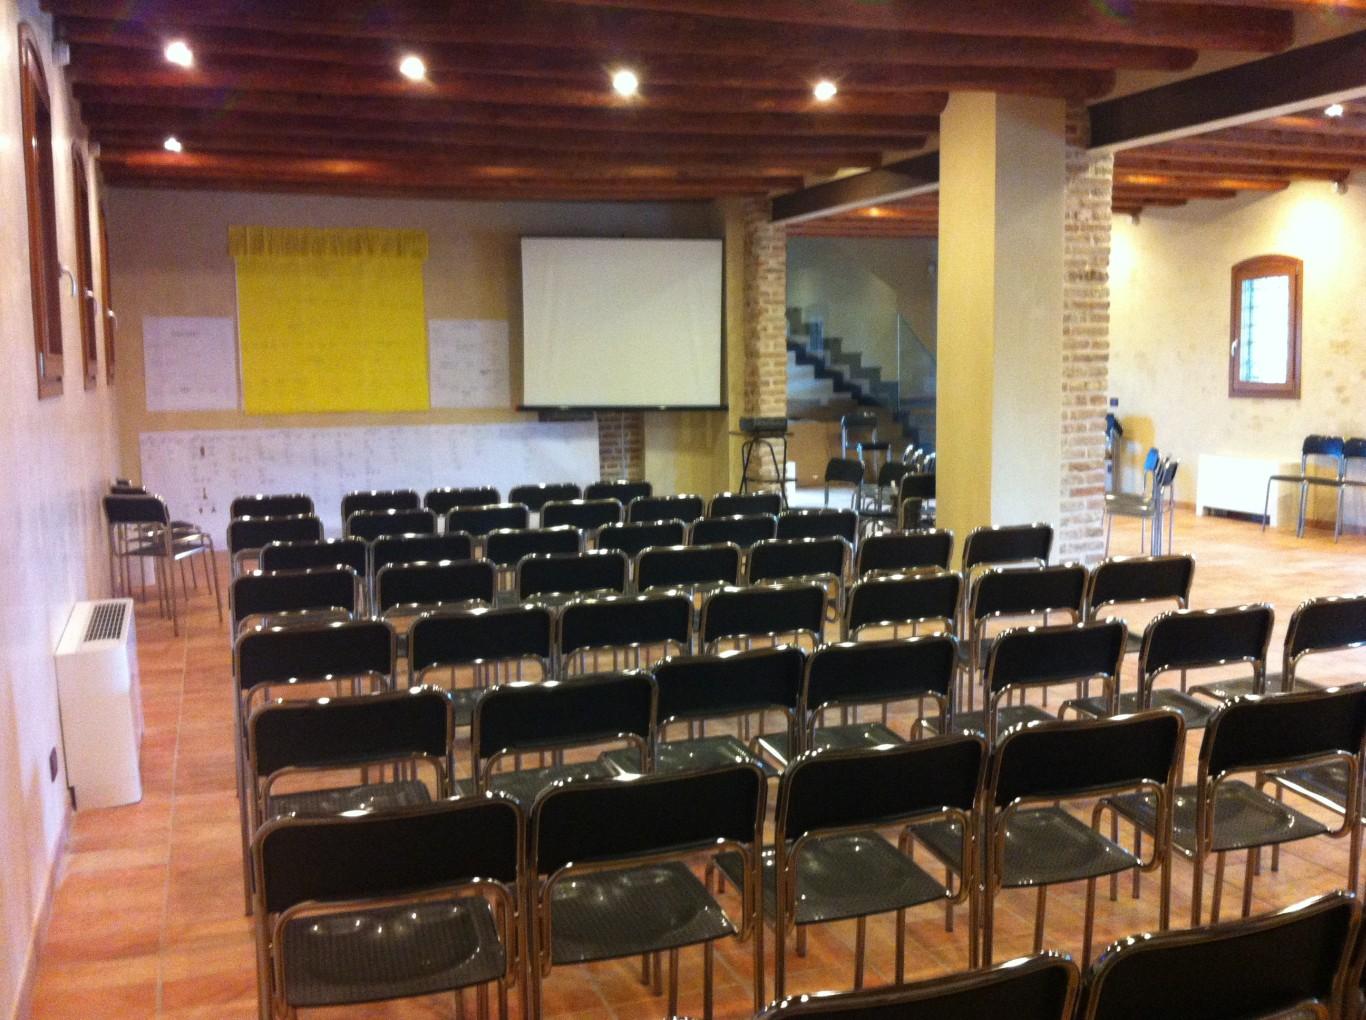 Sale Riunioni Padova : Sale conferenze padova: riunioni professionali a padova casa tormene